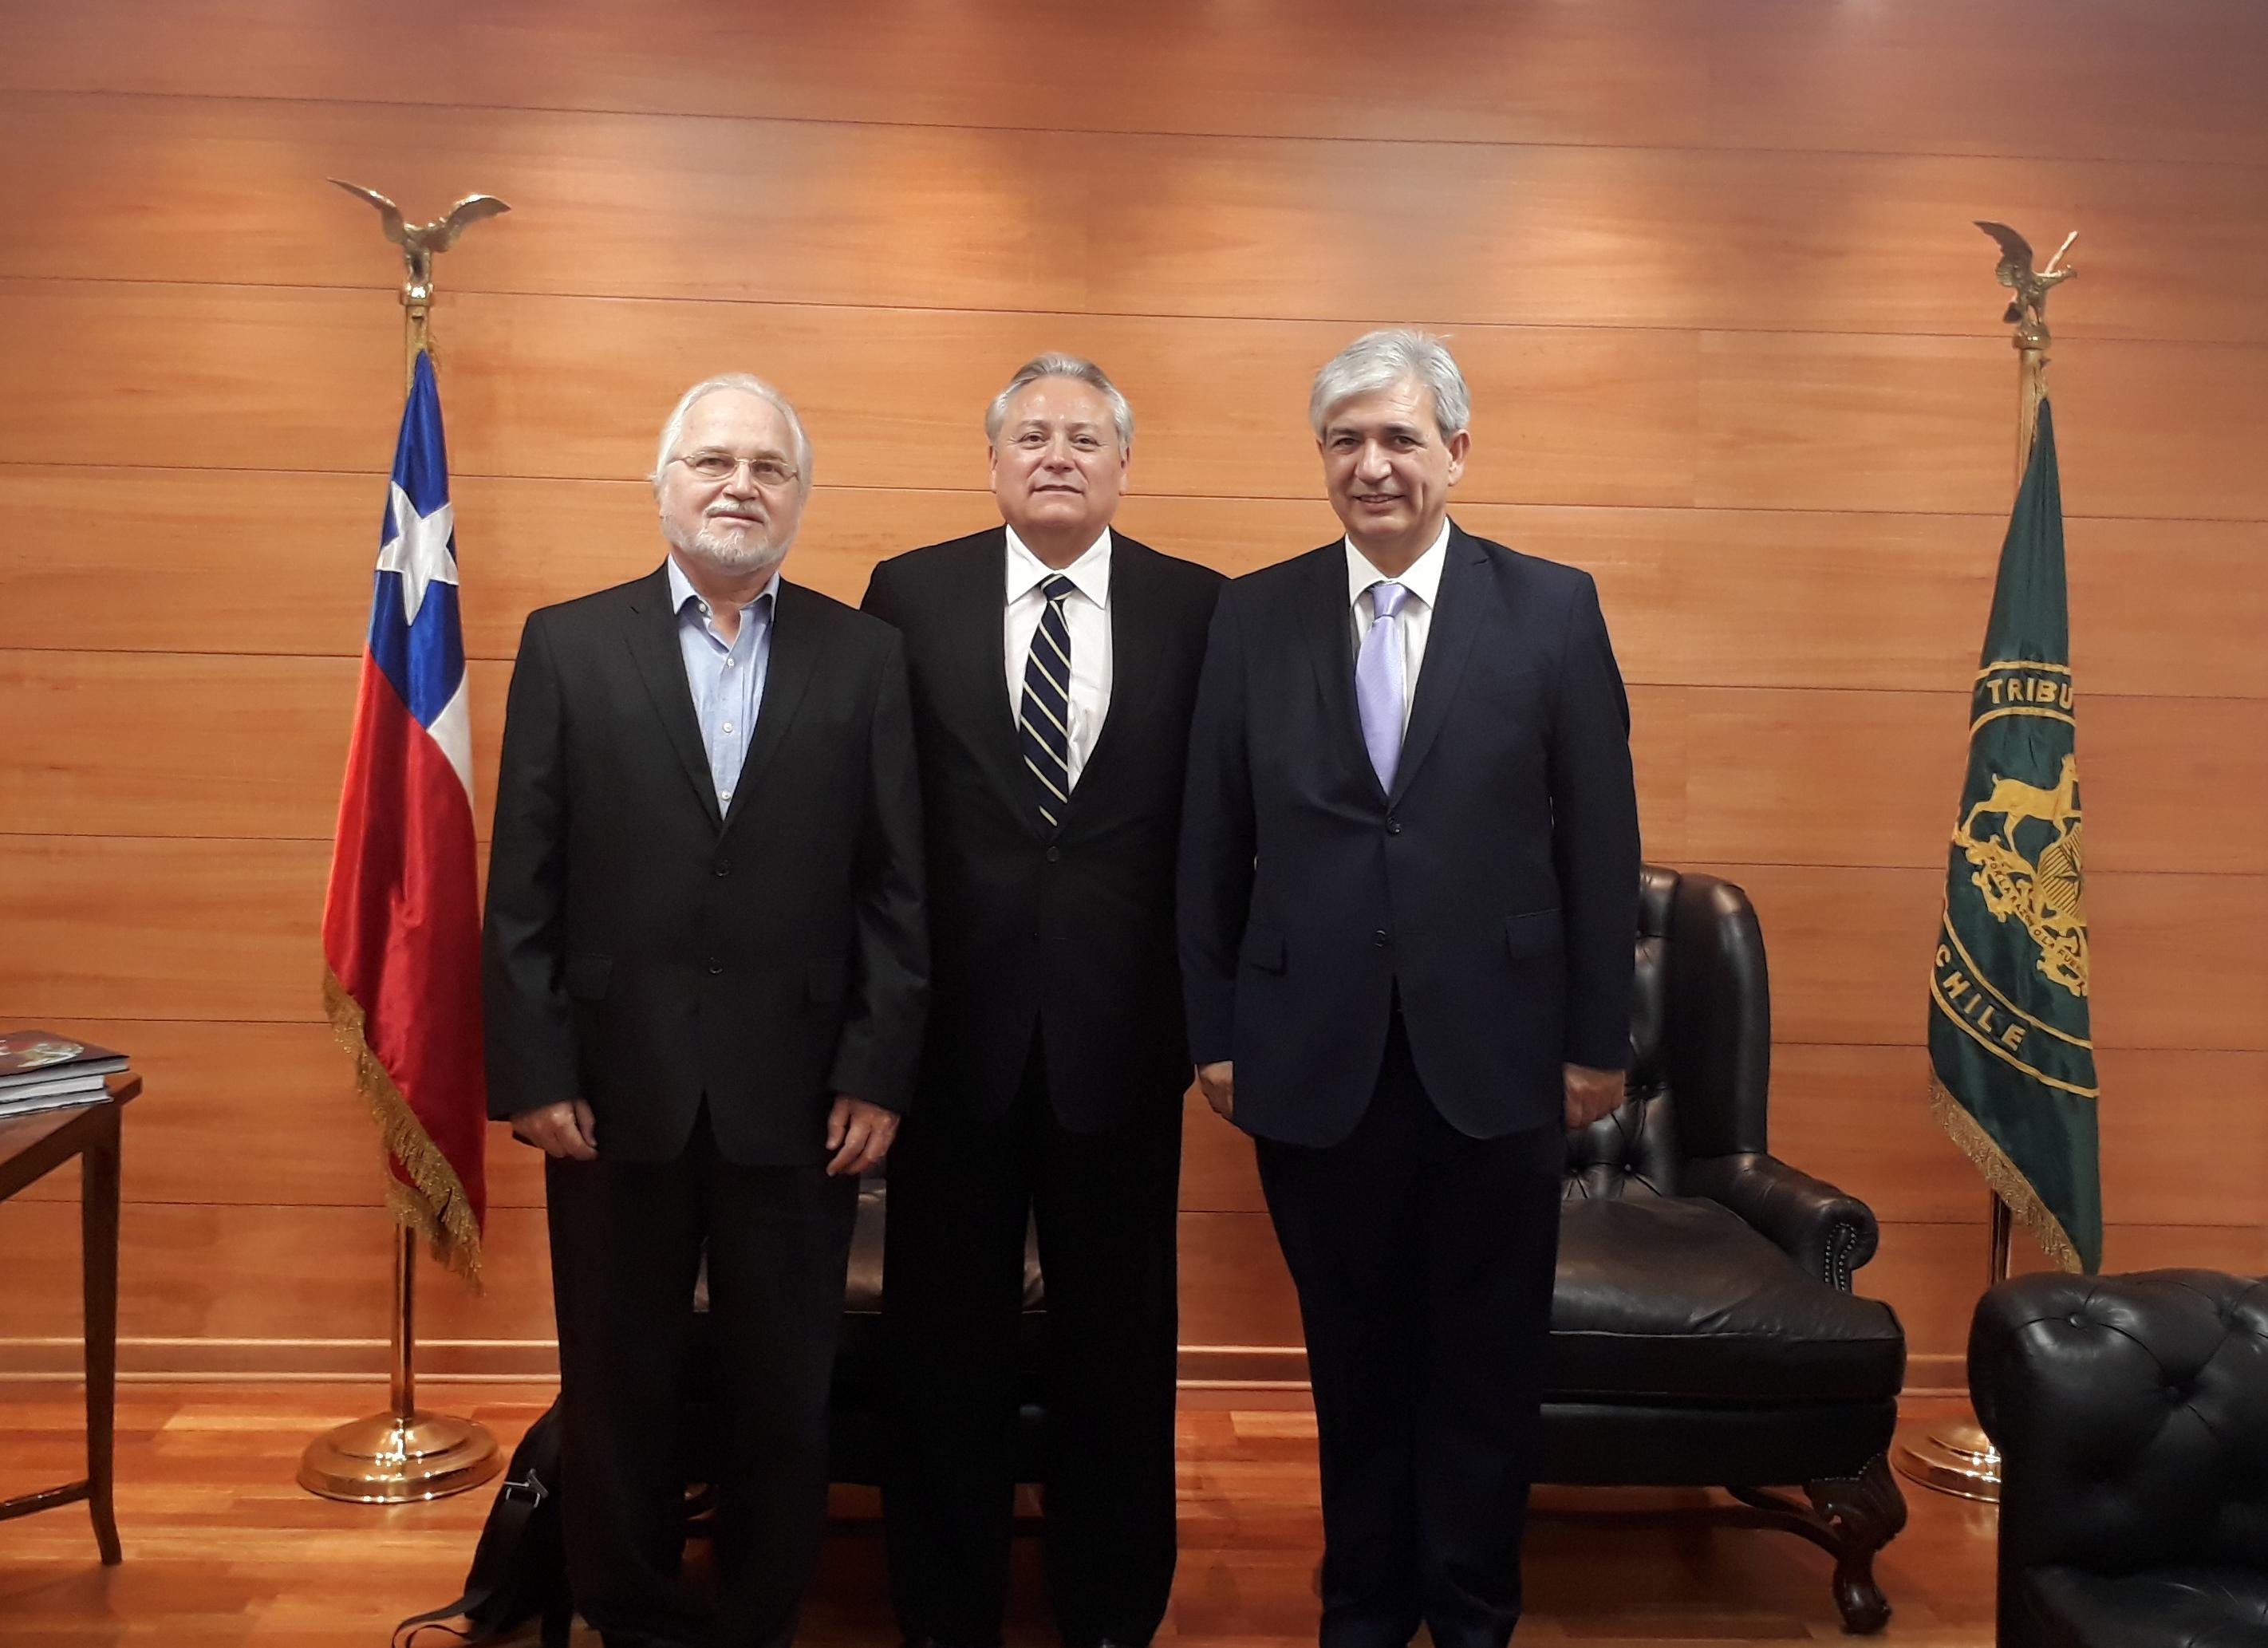 Pleno recibió al señor Francisco Eguiguren Praeli, Presidente de la Comisión Interamericana de Derechos Humanos